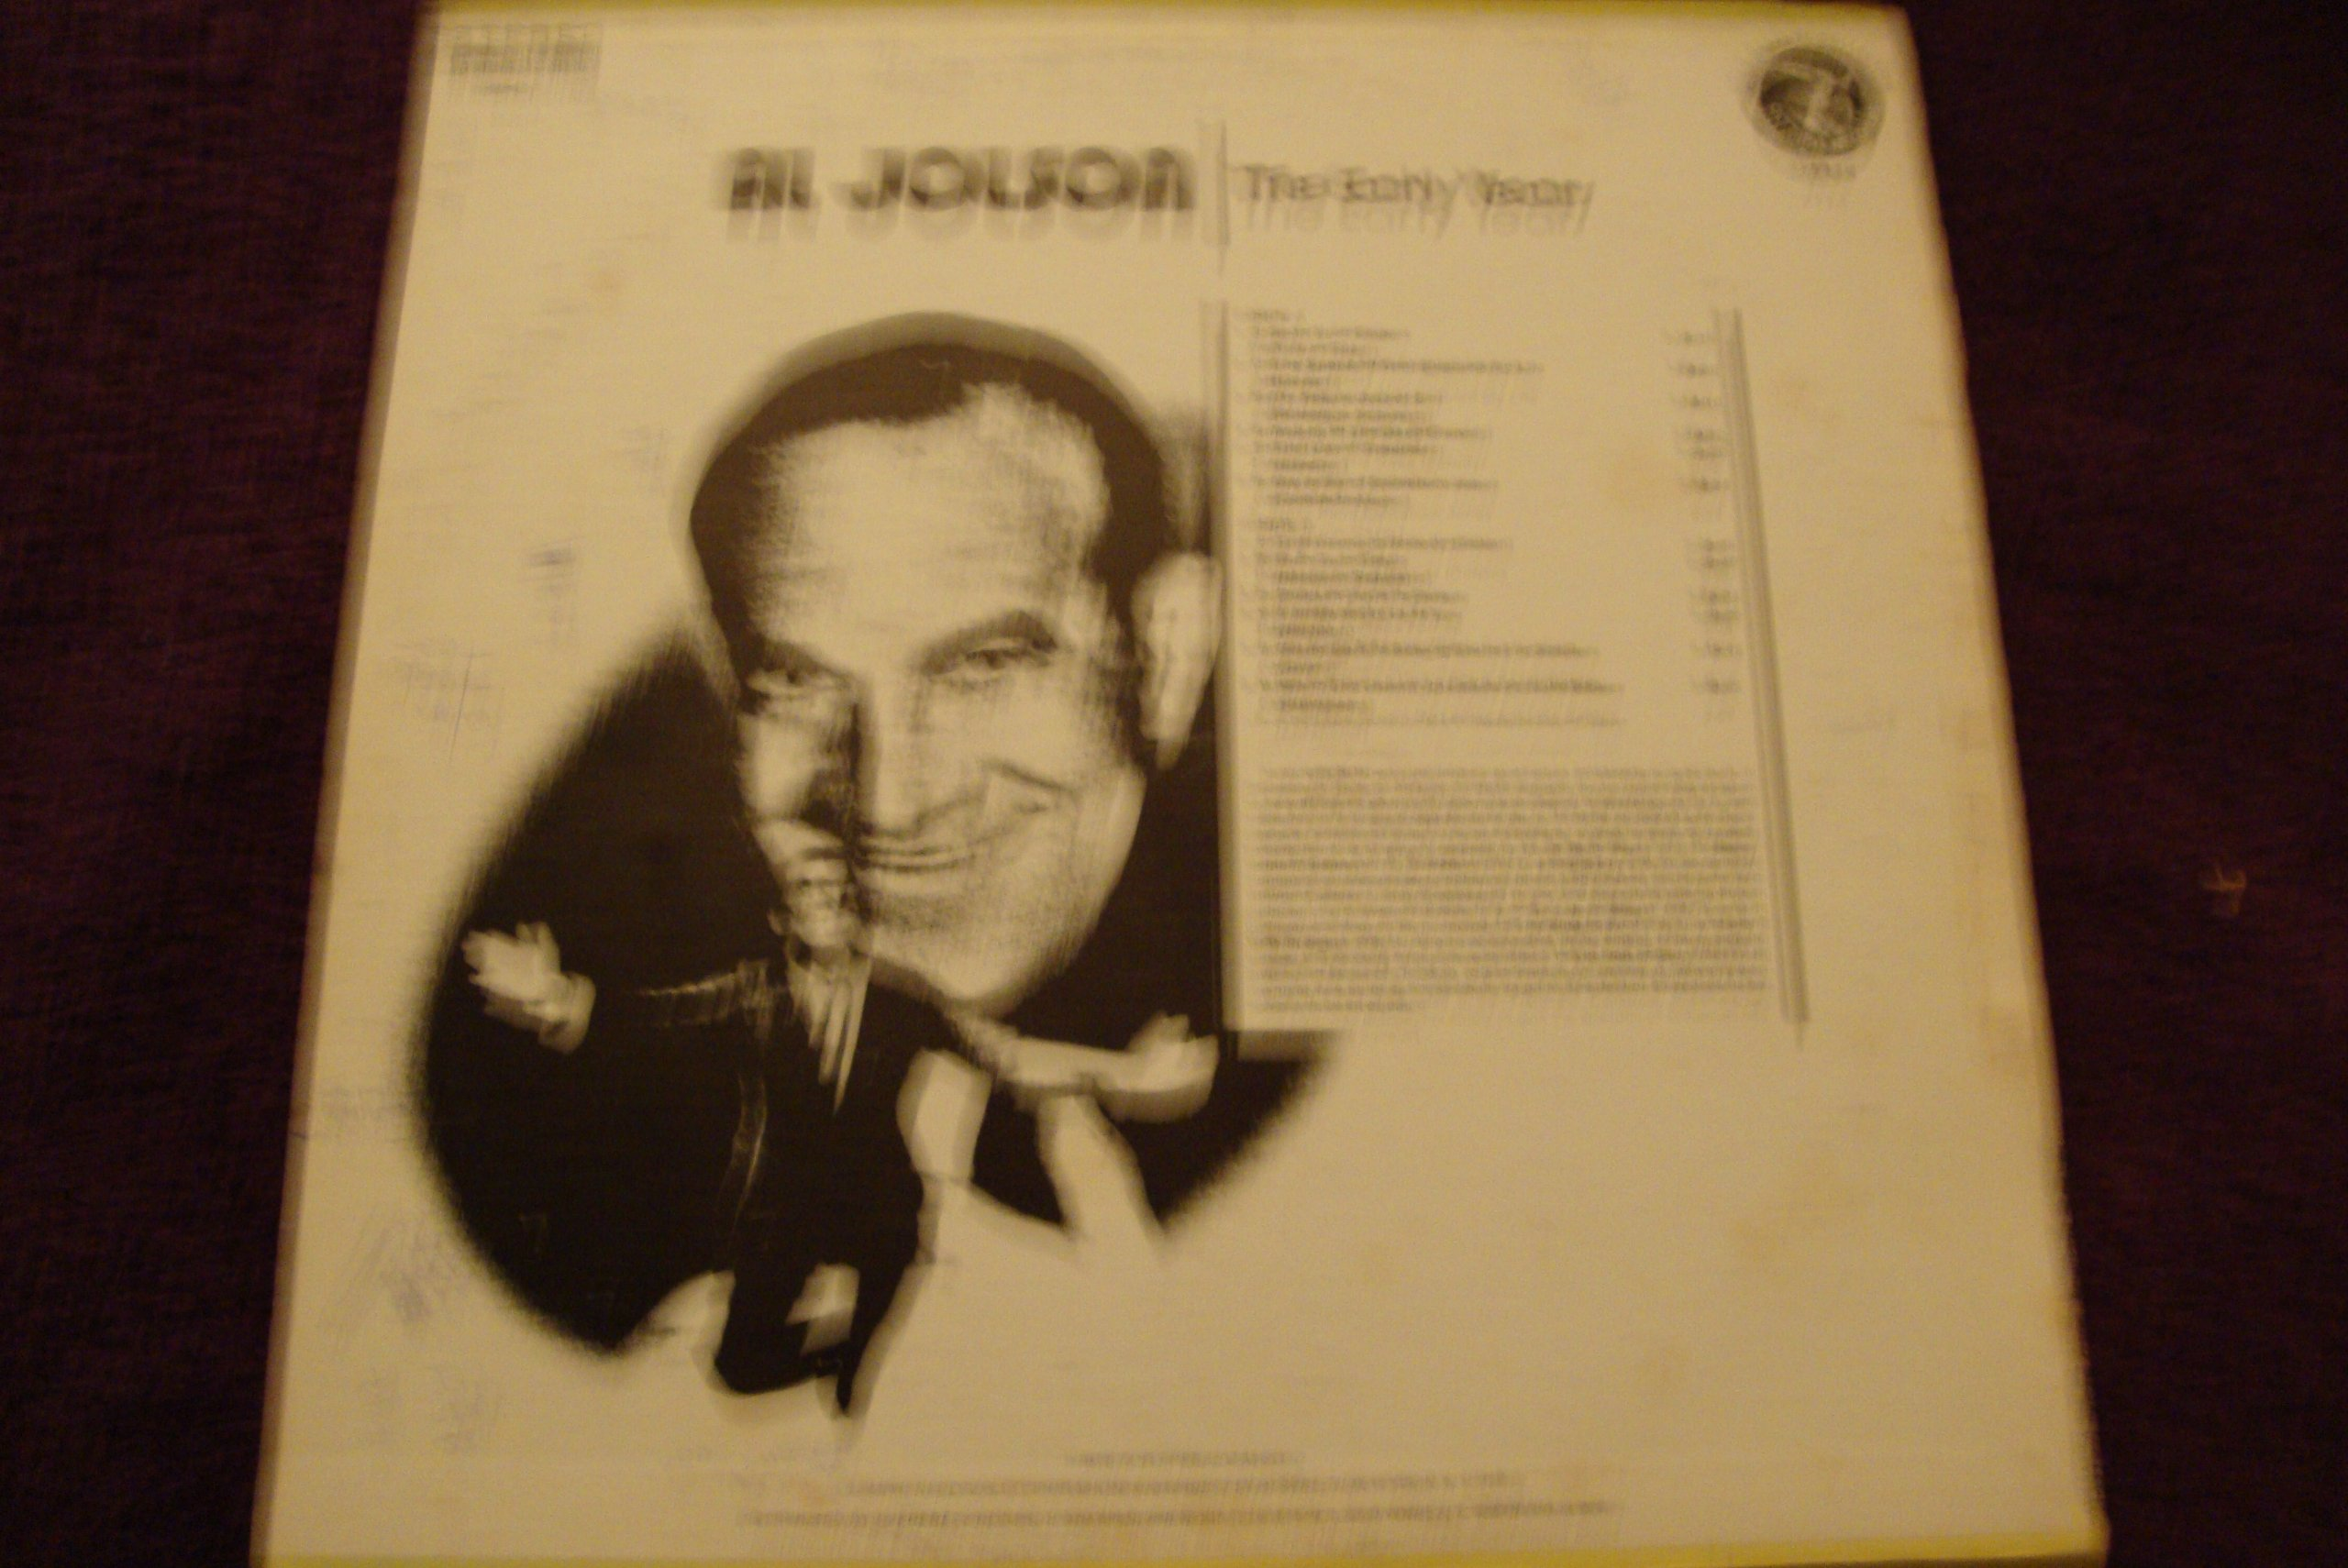 El verdadero jolson (los primeros años) LP